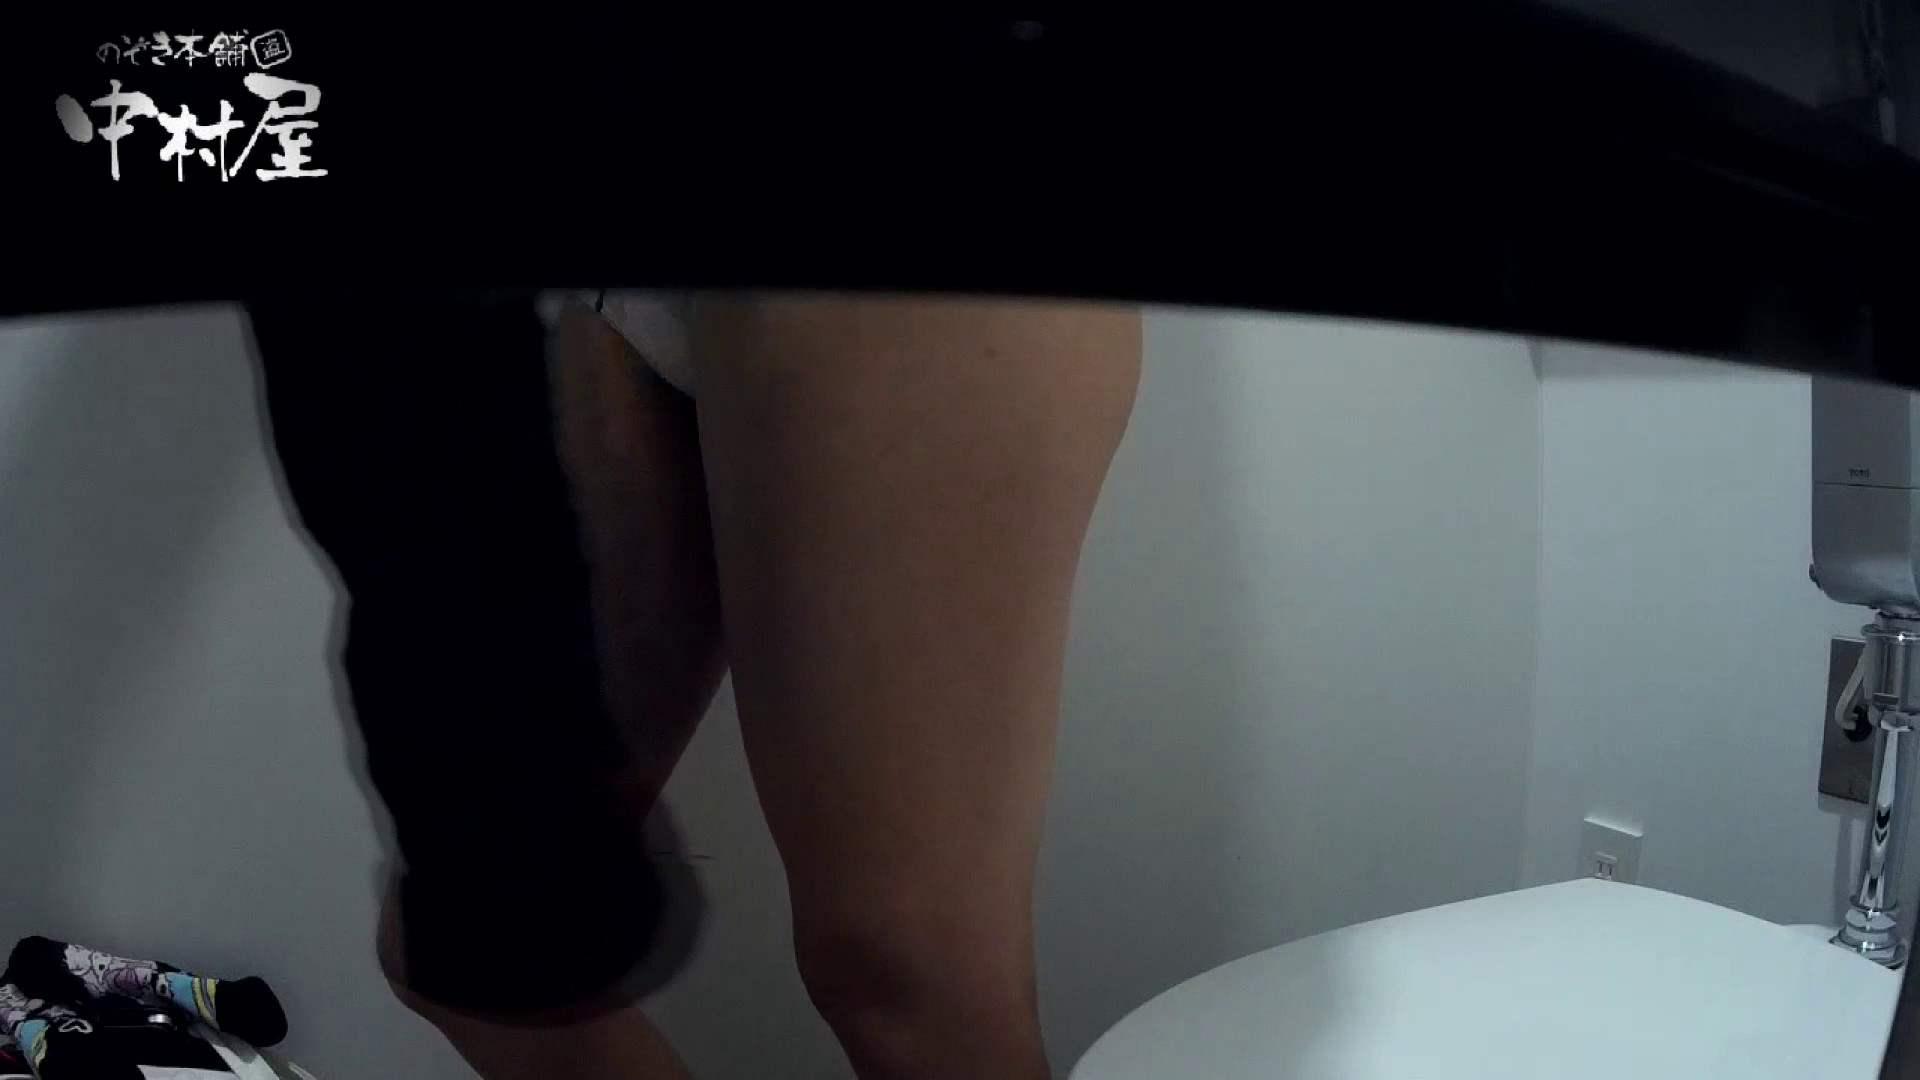 有名大学女性洗面所 vol.54 設置撮影最高峰!! 3視点でじっくり観察 和式  99連発 45